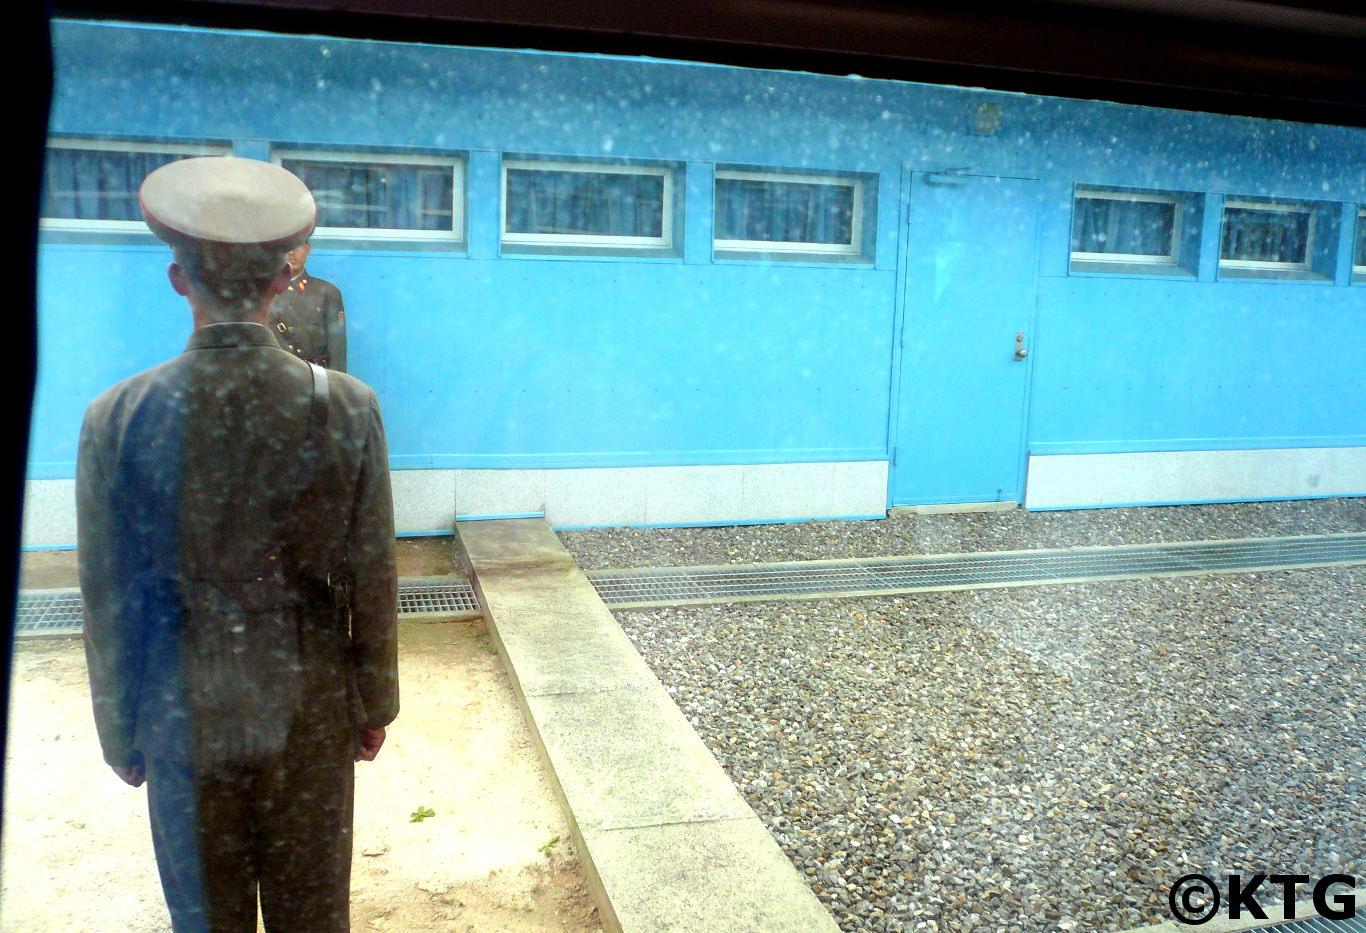 La raya de cemento marca la línea de demarcación en Panmunjom en la DMZ y separa a Corea del Norte y a Corea del Sur